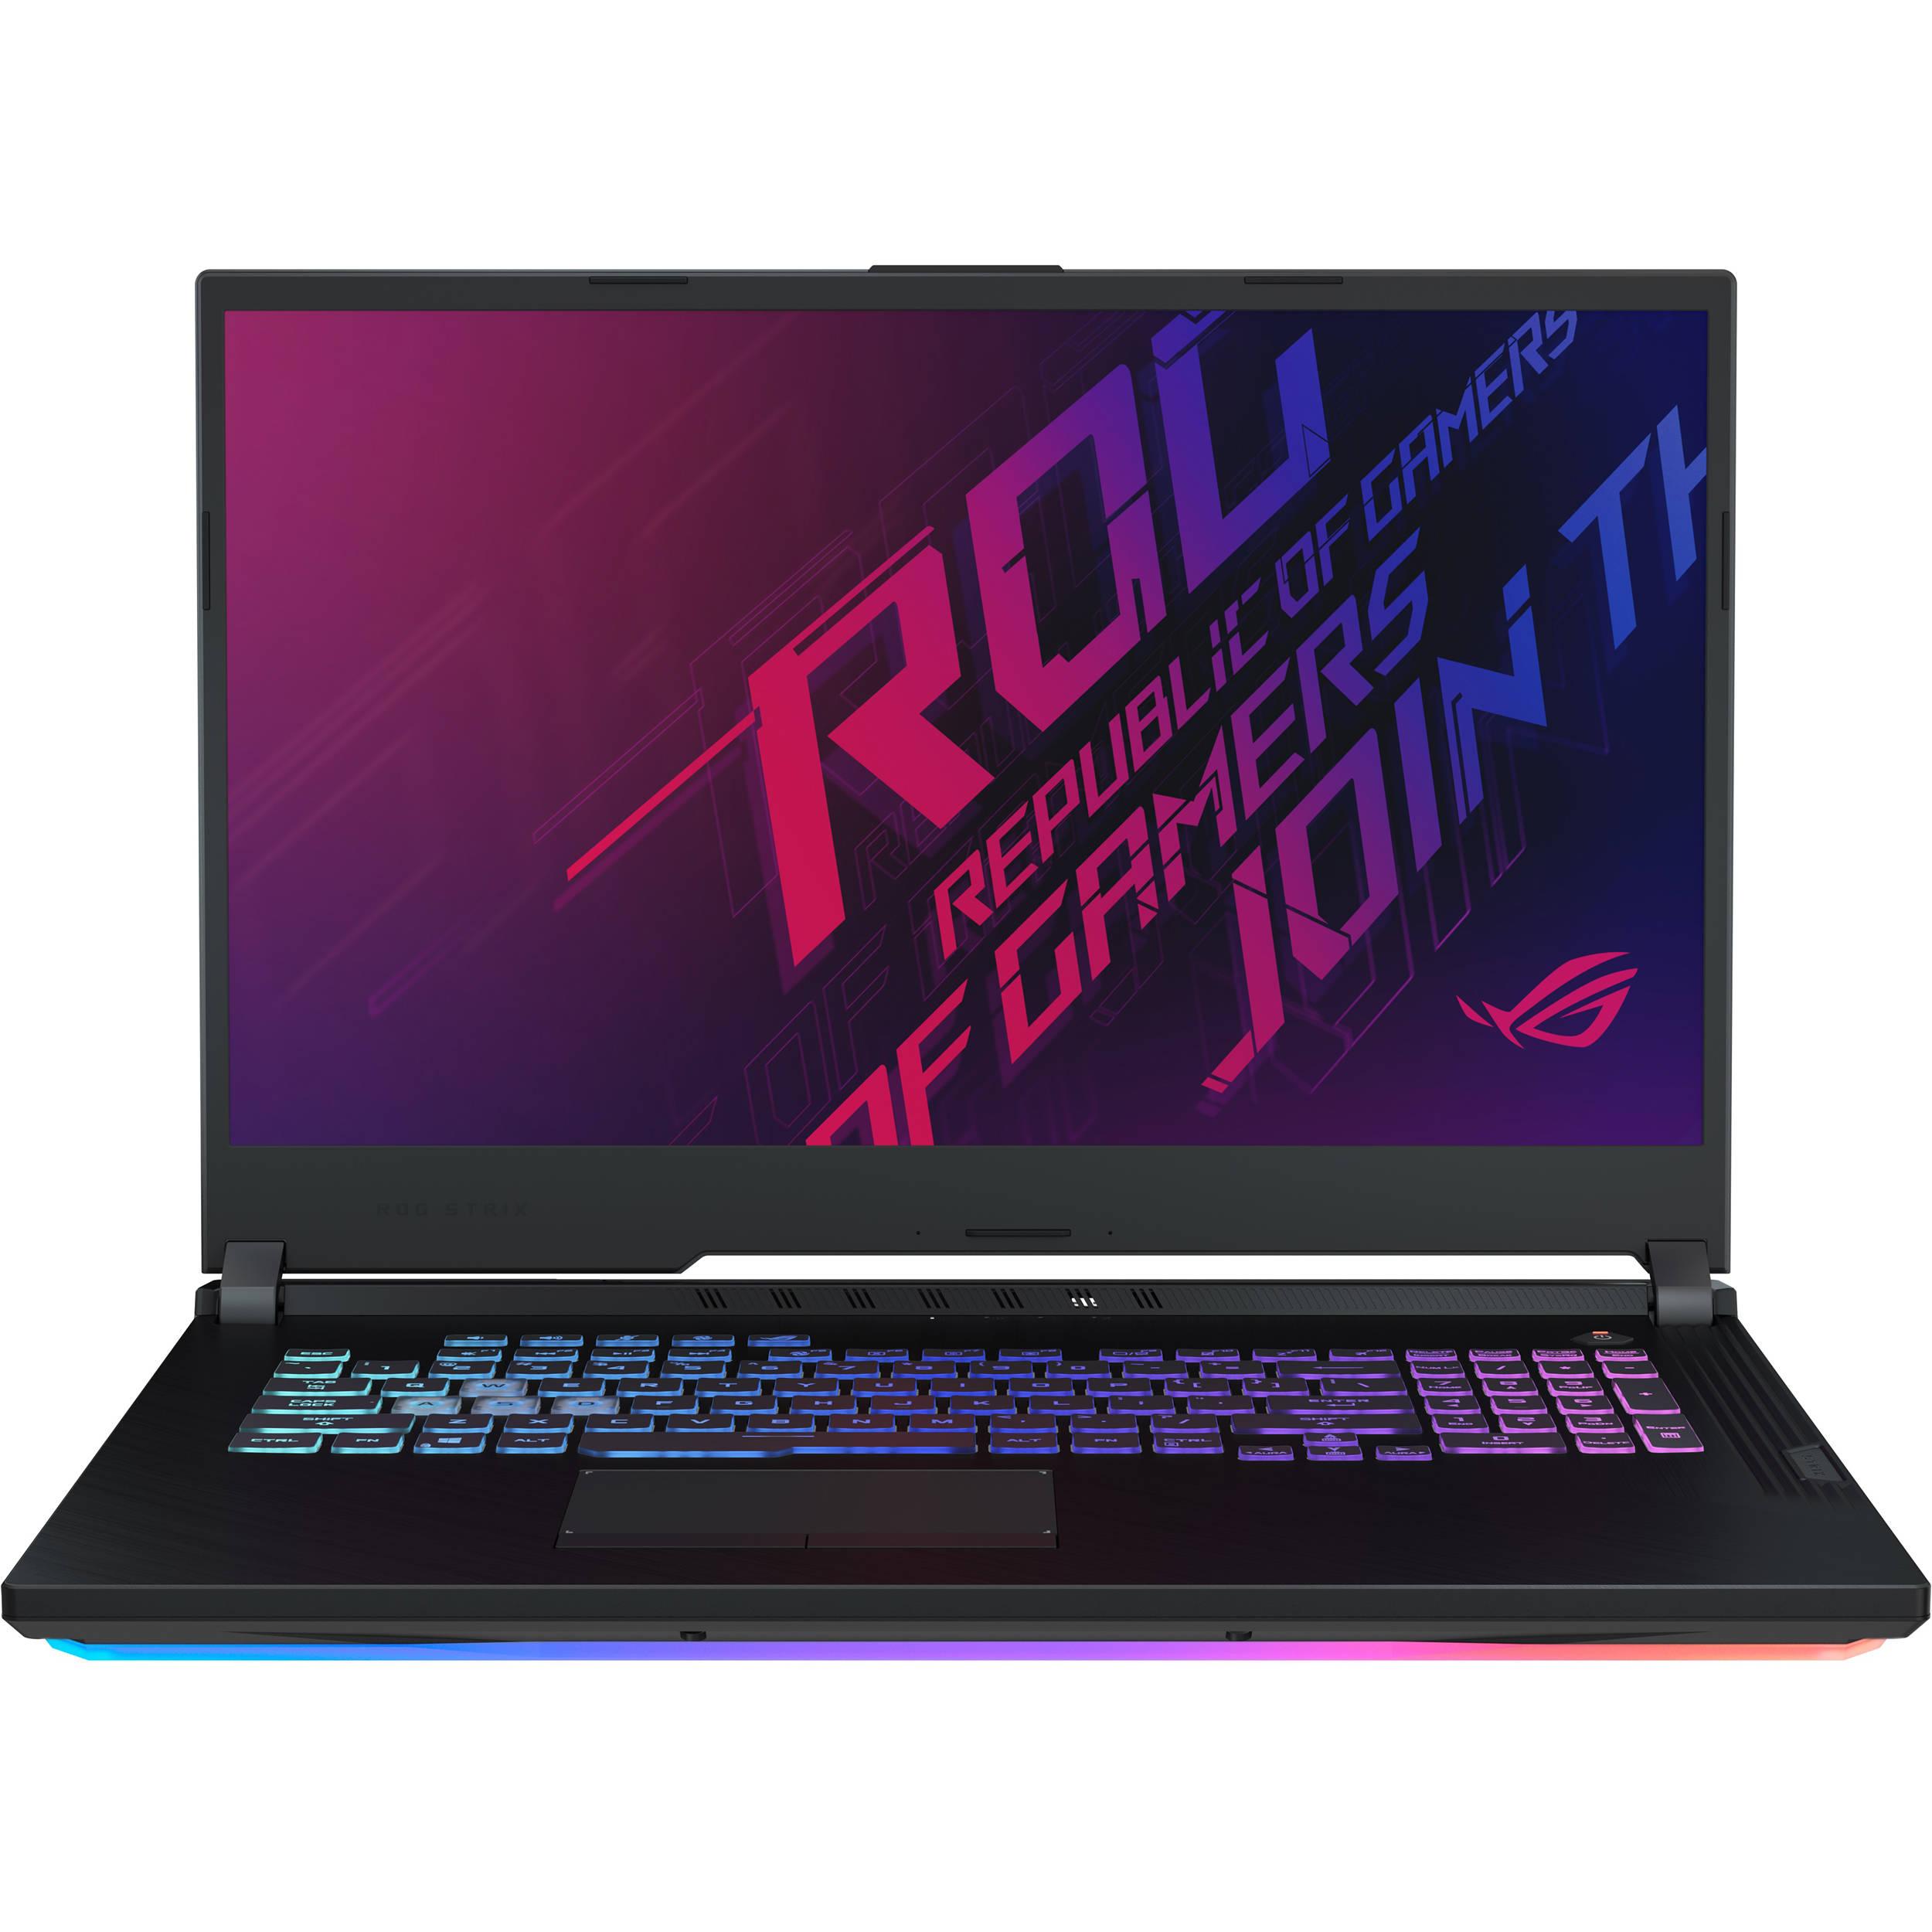 NOTEBOOK ASUS G531GU-AL003 I7 9750H 2.6 UP TO 4.5 12M 16G DDR4 1TSSD VGA NVIDIA 6G GTX 1660TI GDDR6 15.6  BLACK ,Laptop Pc